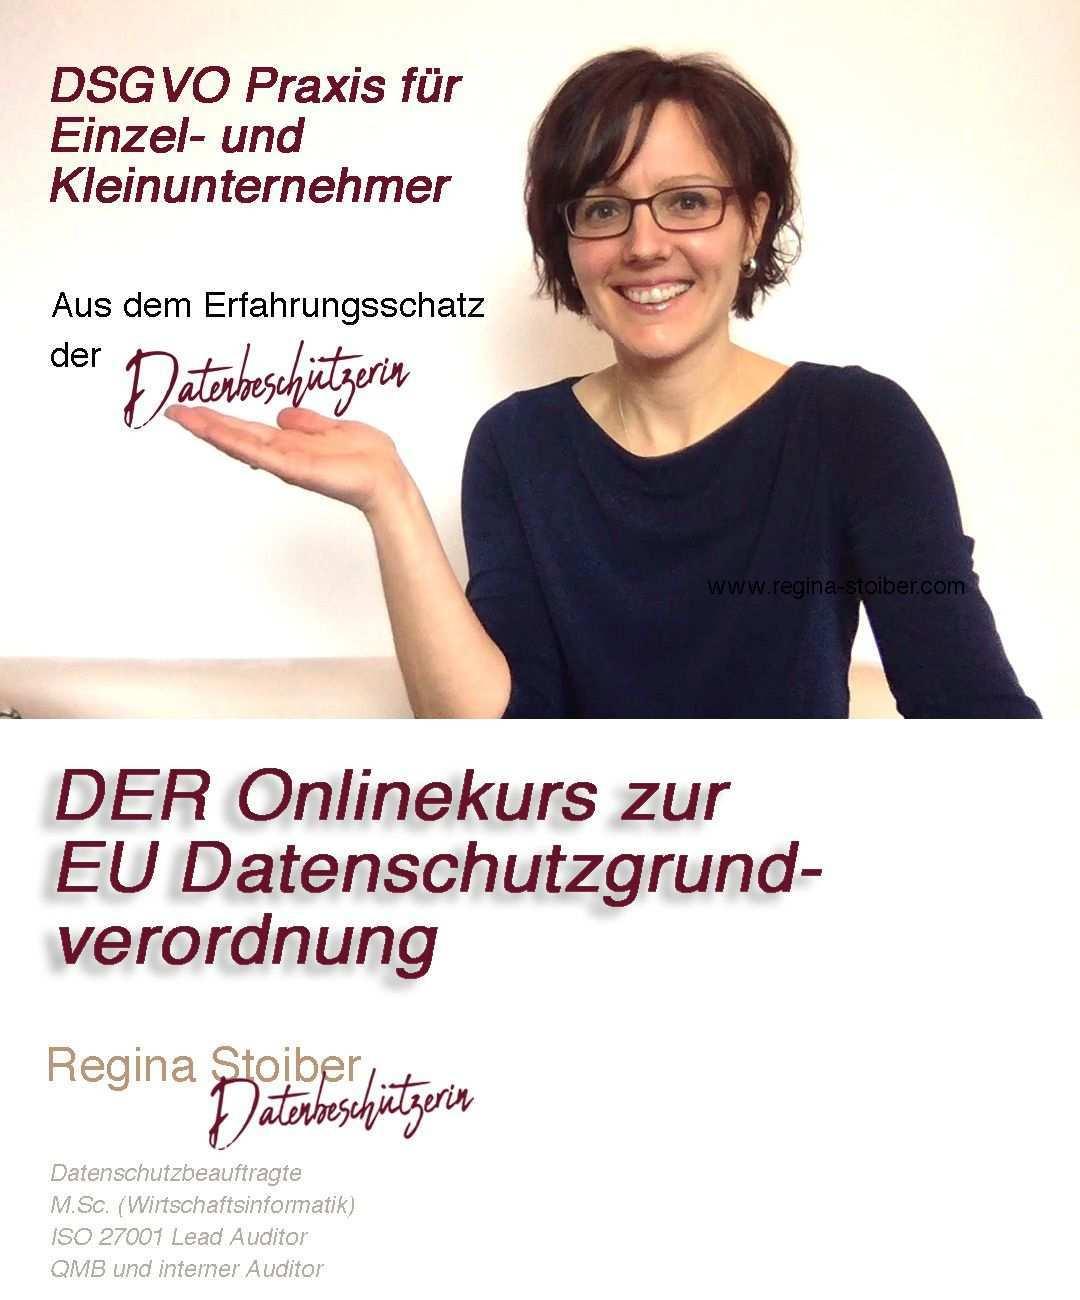 Dsgvo Online Kurs Fur Einzel Und Kleinunternehmer Von Regina Stoiber Datenschutz Dsgvo Digitales Marketing